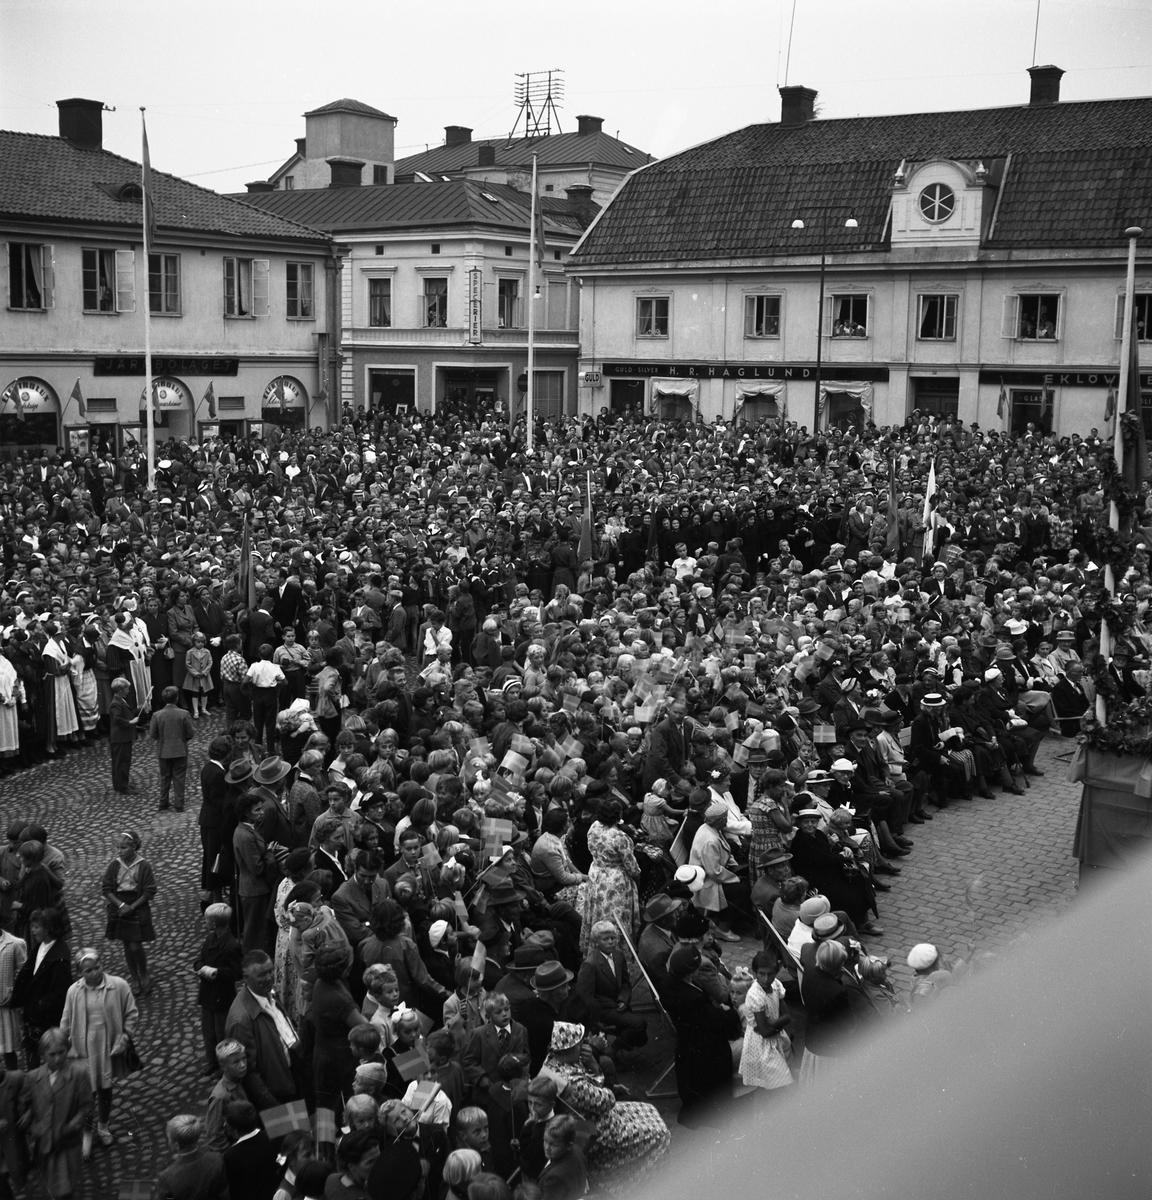 Publik på Stora torget. Skolbarn med flaggor, Frälsningsarmén, unga och gamla har samlats för att se och höra kung Gustaf Vl Adolf. Han gästar Arboga under sin Eriksgata. Han står på den uppbyggda scenen till höger, strax utanför bild. Järnbolaget, Specerier, Haglunds Guld och Eklöws bosättning ses i bakgrunden. För värdskapet svarade stadsfullmäktiges ordförande Jonas Carlsson och kommunalborgmästare Danliel Ekelund. Den organisationskommitté som ansvarade för arrangemangen, hade hos drätselkammaren begärt en summa av 3000 kronor för att täcka kostnaderna vid kungabesöket. Beloppet beviljades.  Tiden för kungens besök var beräknad till 130 minuter.